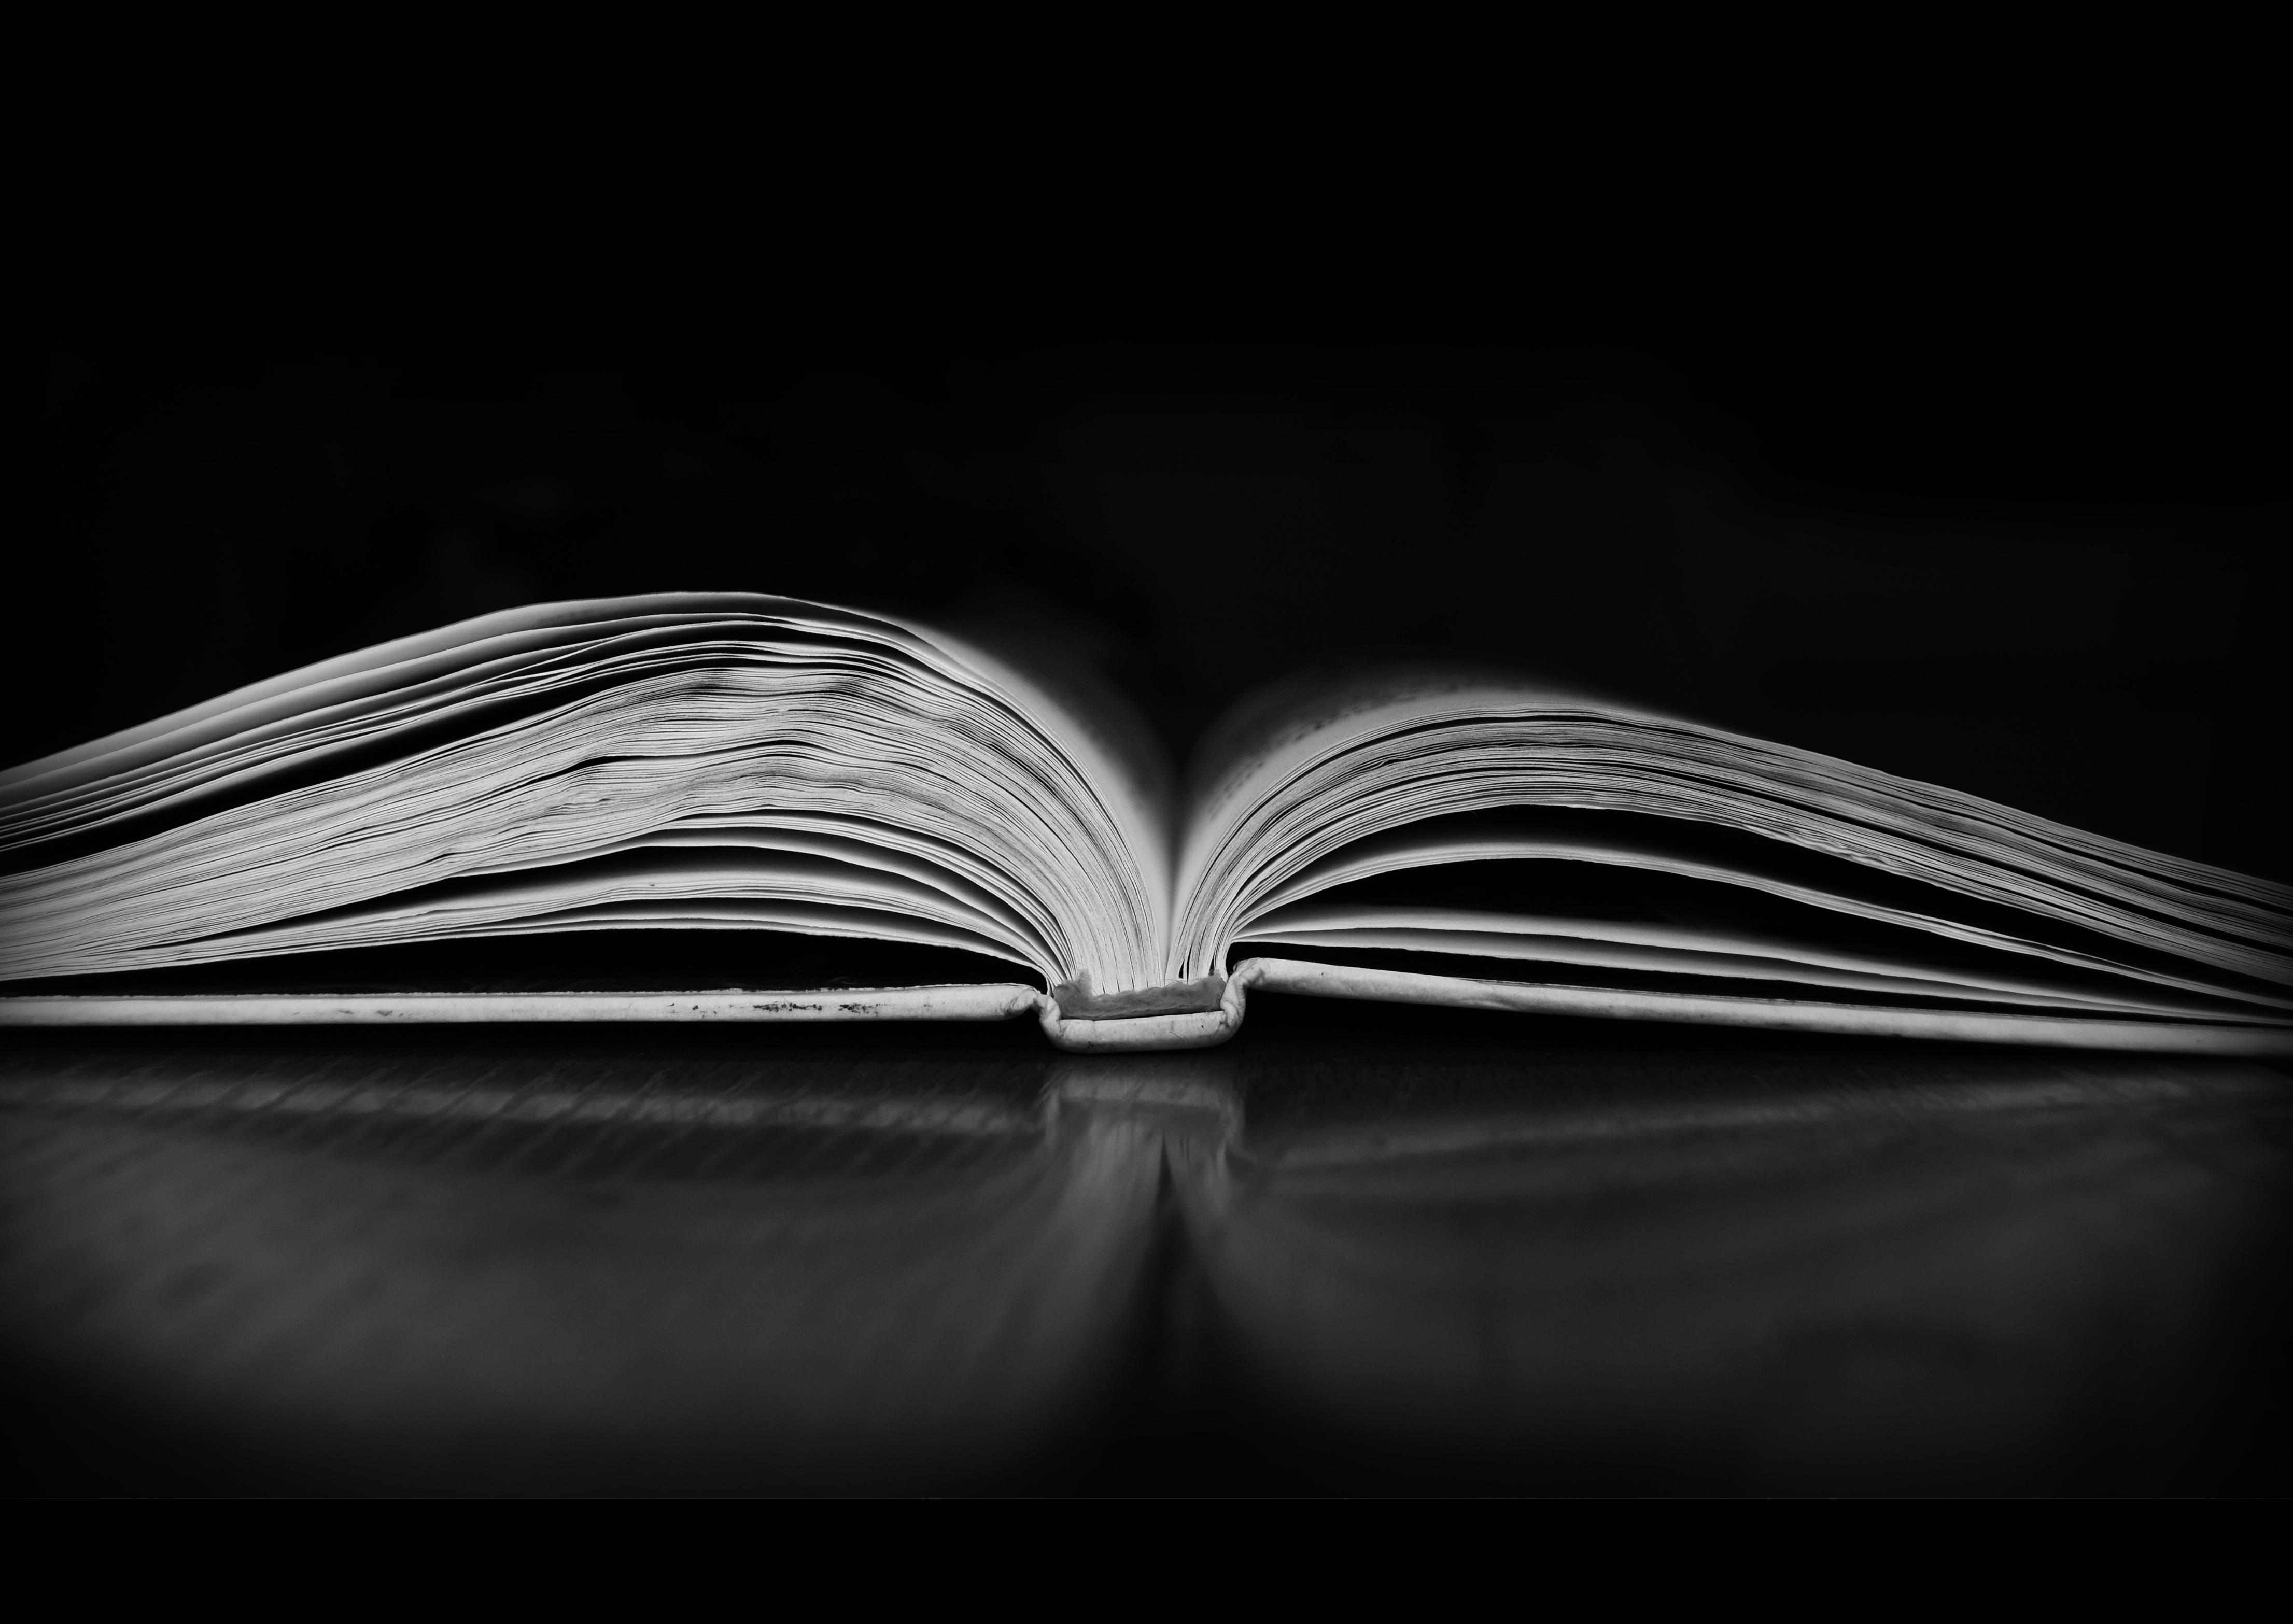 Images Gratuites Livre Aile Noir Et Blanc La